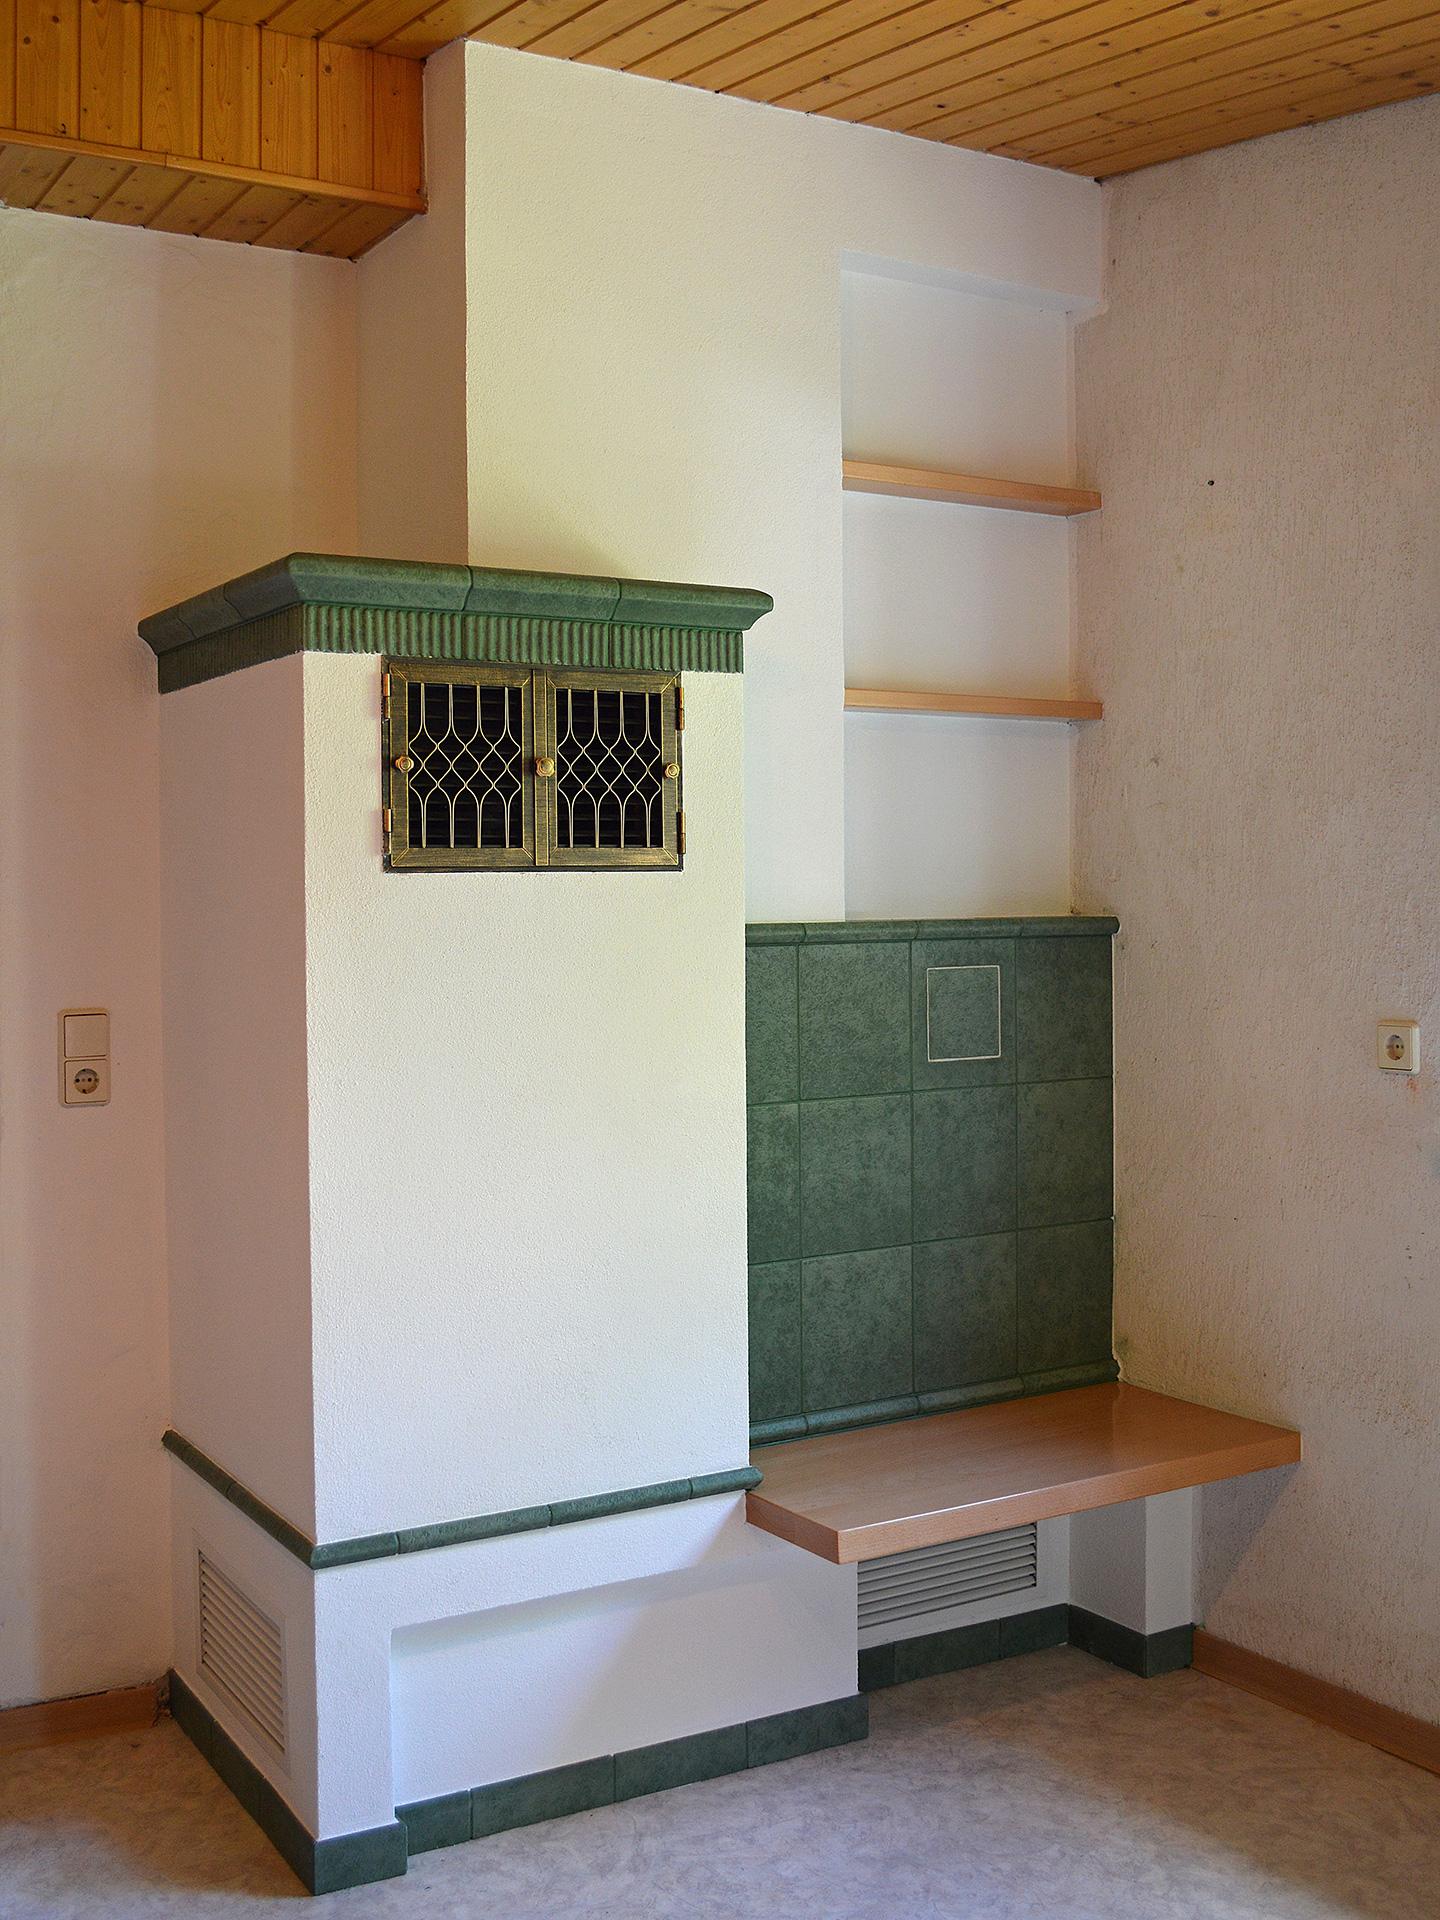 Referenz Ofen- und Kaminbau, Bild 0160